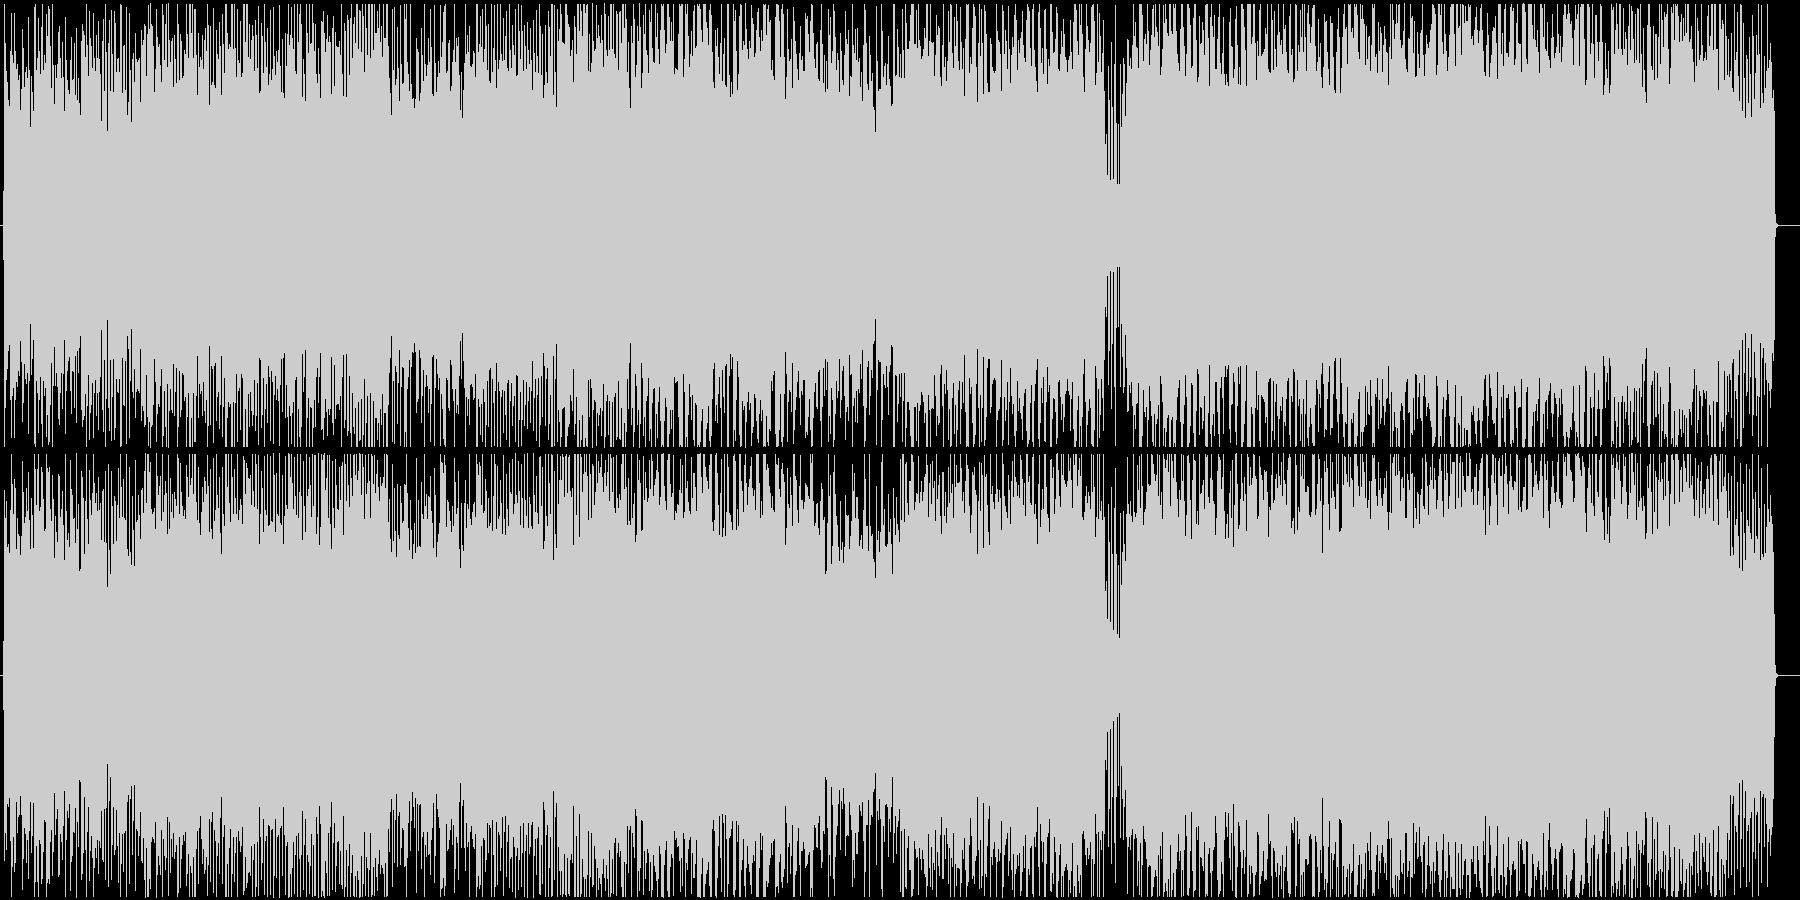 疾走感のあるギターインストの未再生の波形